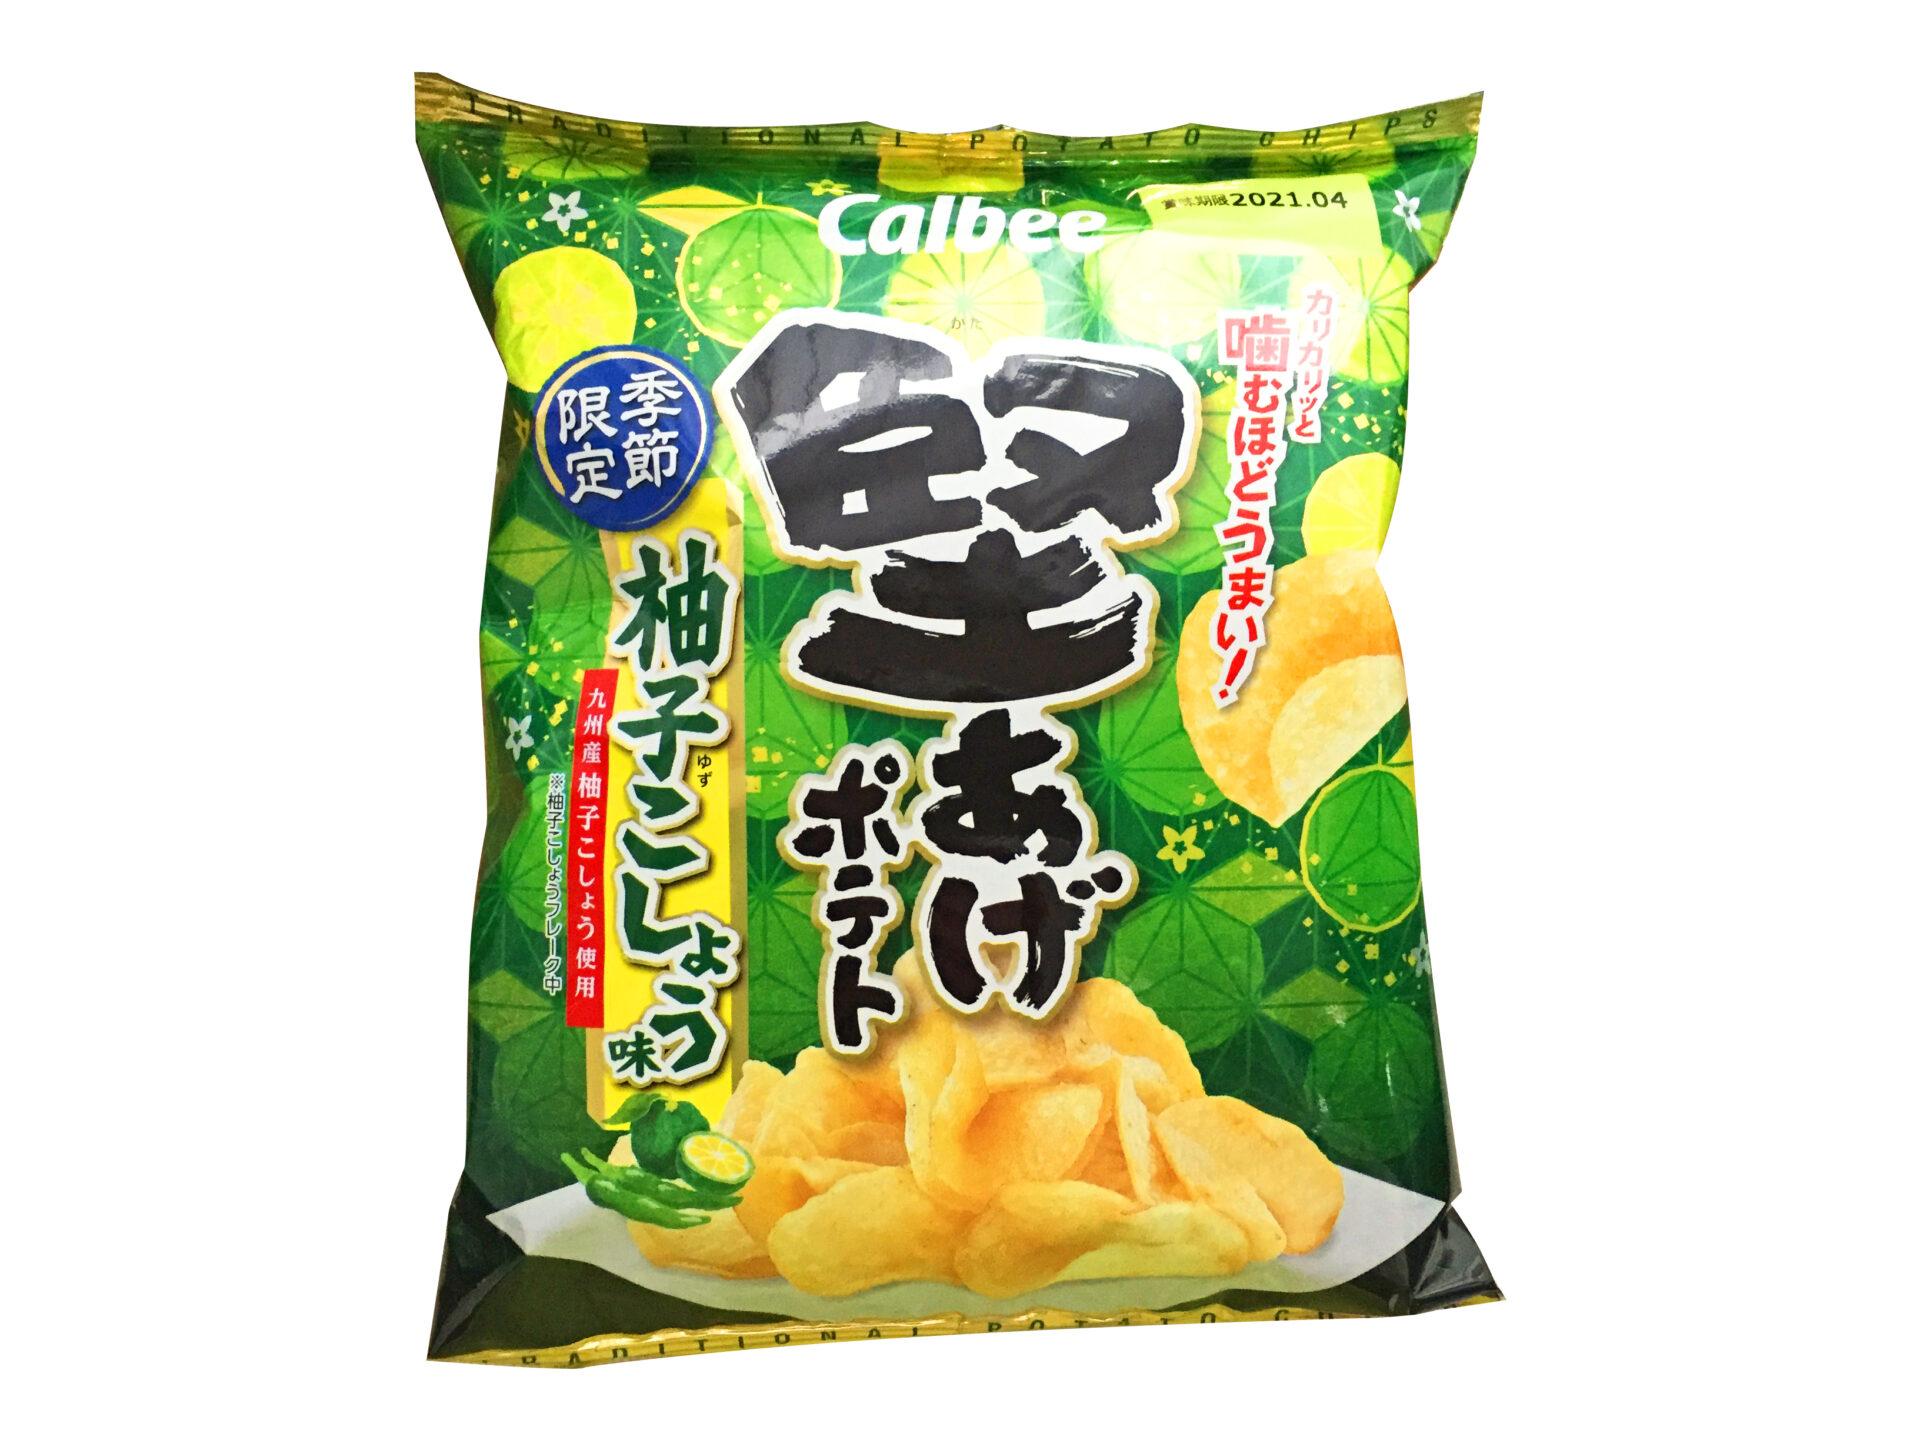 カルビー『堅あげポテト 柚子こしょう味』